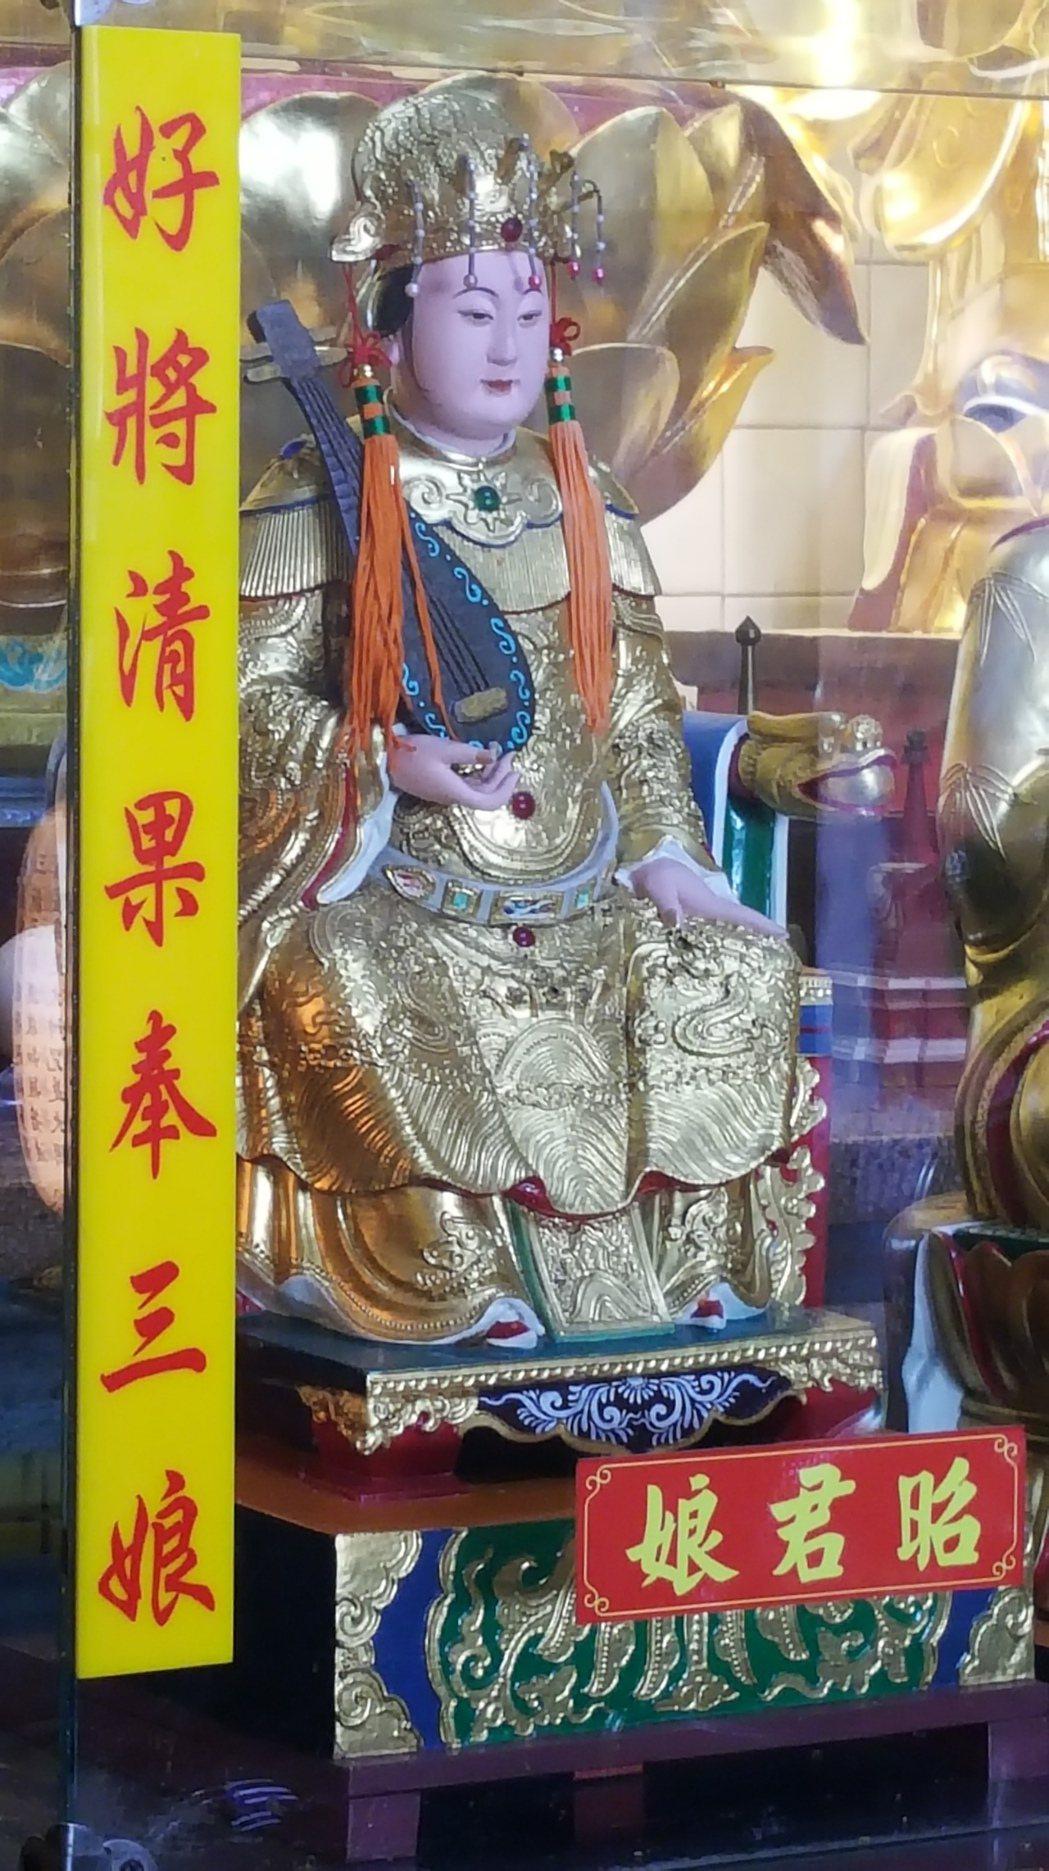 苗栗縣後龍鎮新蓮寺是全台唯一供奉王昭君的廟宇,廟內有「昭君娘」的神像。記者胡蓬生...